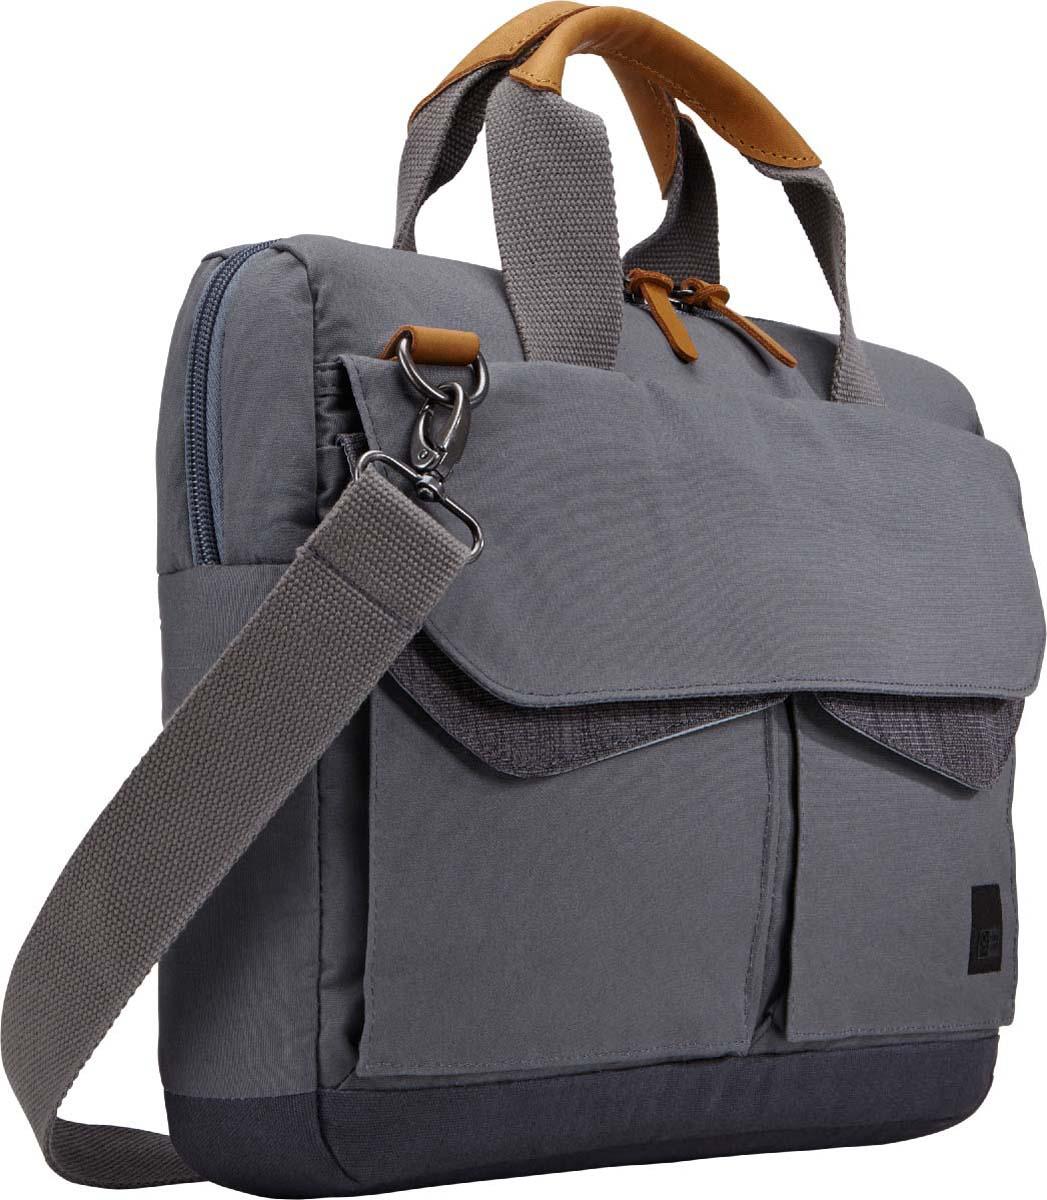 Case Logic LoDo Attache Graphite, сумка для ноутбука 14LODA-114 GRAPHITEУдобный, современный деловой портфель оптимально подойдет для поездок на работу или учебу. Хорошая функциональность и универсальная расцветка обеспечат удобство каждодневного использования.Специальная мягкая вставка обеспечивает безопасность отделения для ноутбука 14,1; Ручки сумки и язычки на молниях обтянуты кожей, обеспечивая высокую износостойкость; Наружный материал сумки из высококачественного хлопкового холста; Удобно открывающиеся внешние карманы для аксессуаров на магнитных застежках; Внешние карманы на молнии специально предназначены для удобного распределения аксессуаров и личных вещей; Регулируемый по длине съемный ремень на плечо; Ремень для ручной клади надежно крепит тонкий чехол к большинству сумок на колесах; Специальный карман для документов обеспечит сохранность папок, журналов и бумаг.